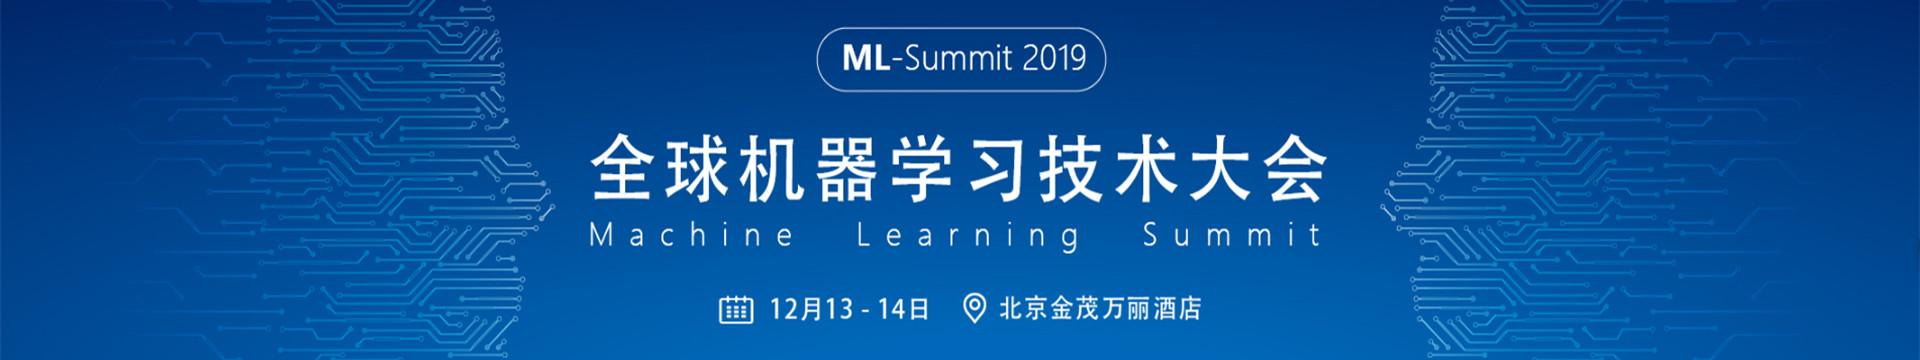 ML-Summit2019全球机器学习技术大会(北京)